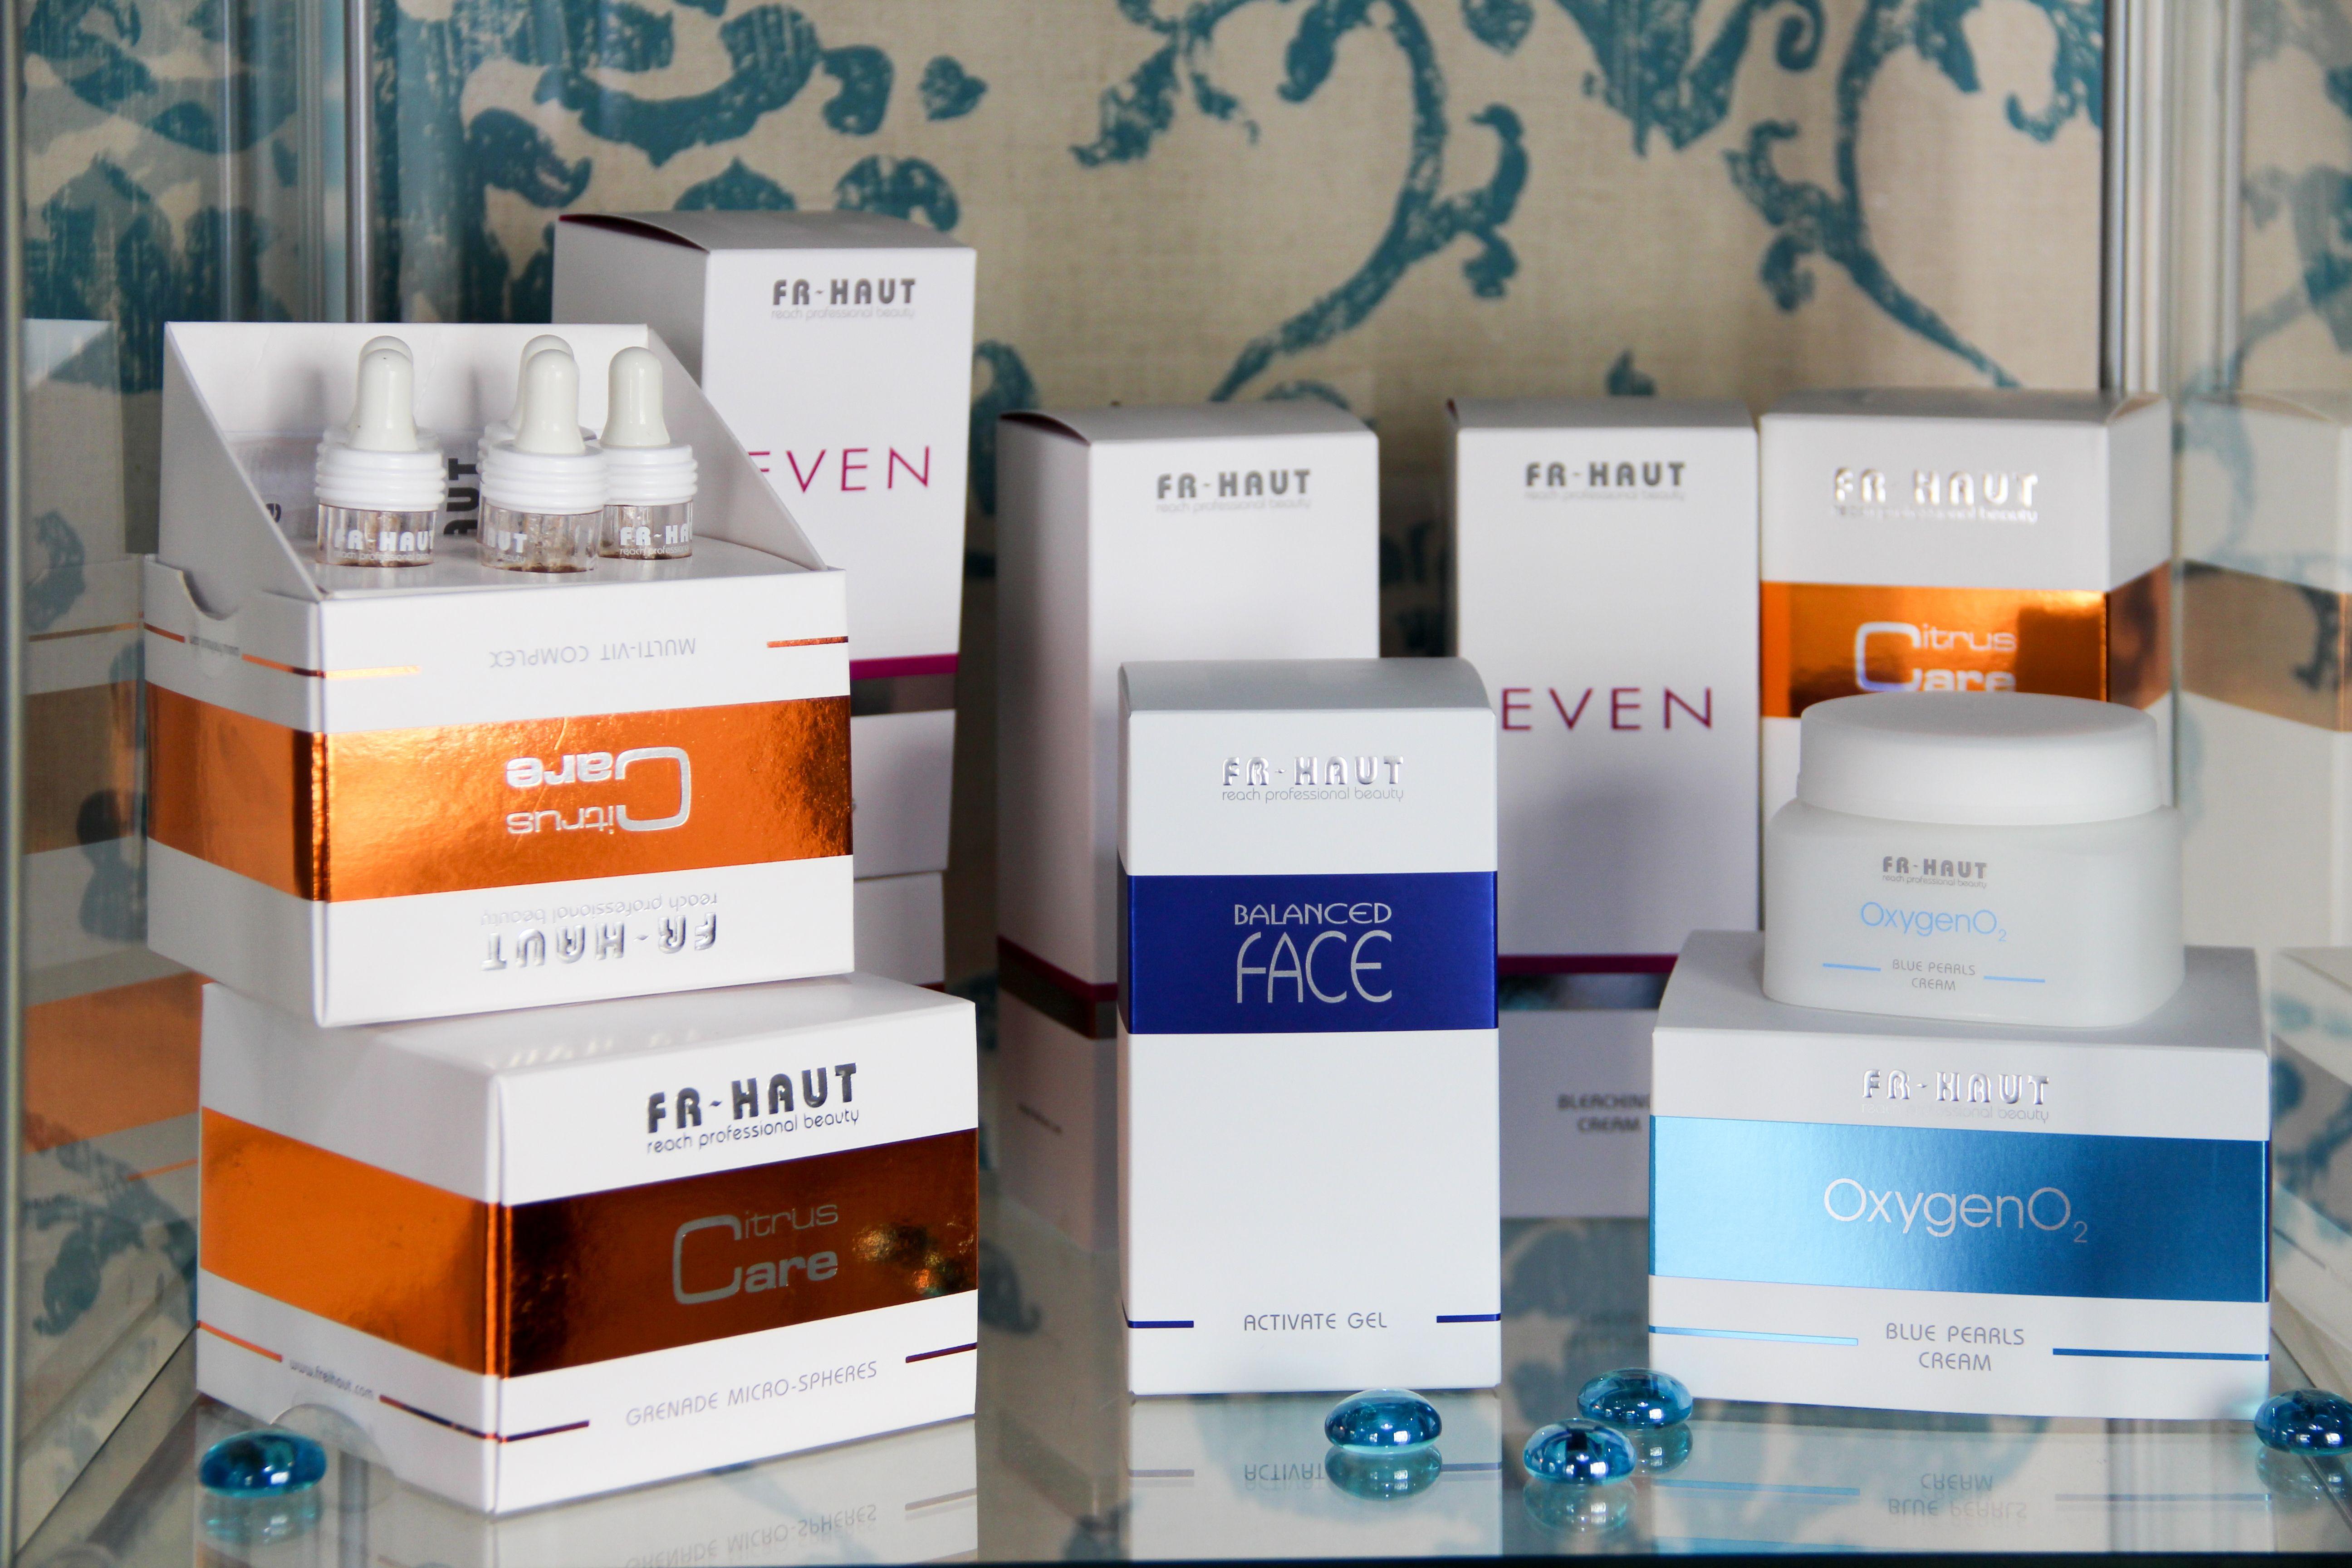 Realizamos todo tipo de tratamientos de belleza, estética y cosmética